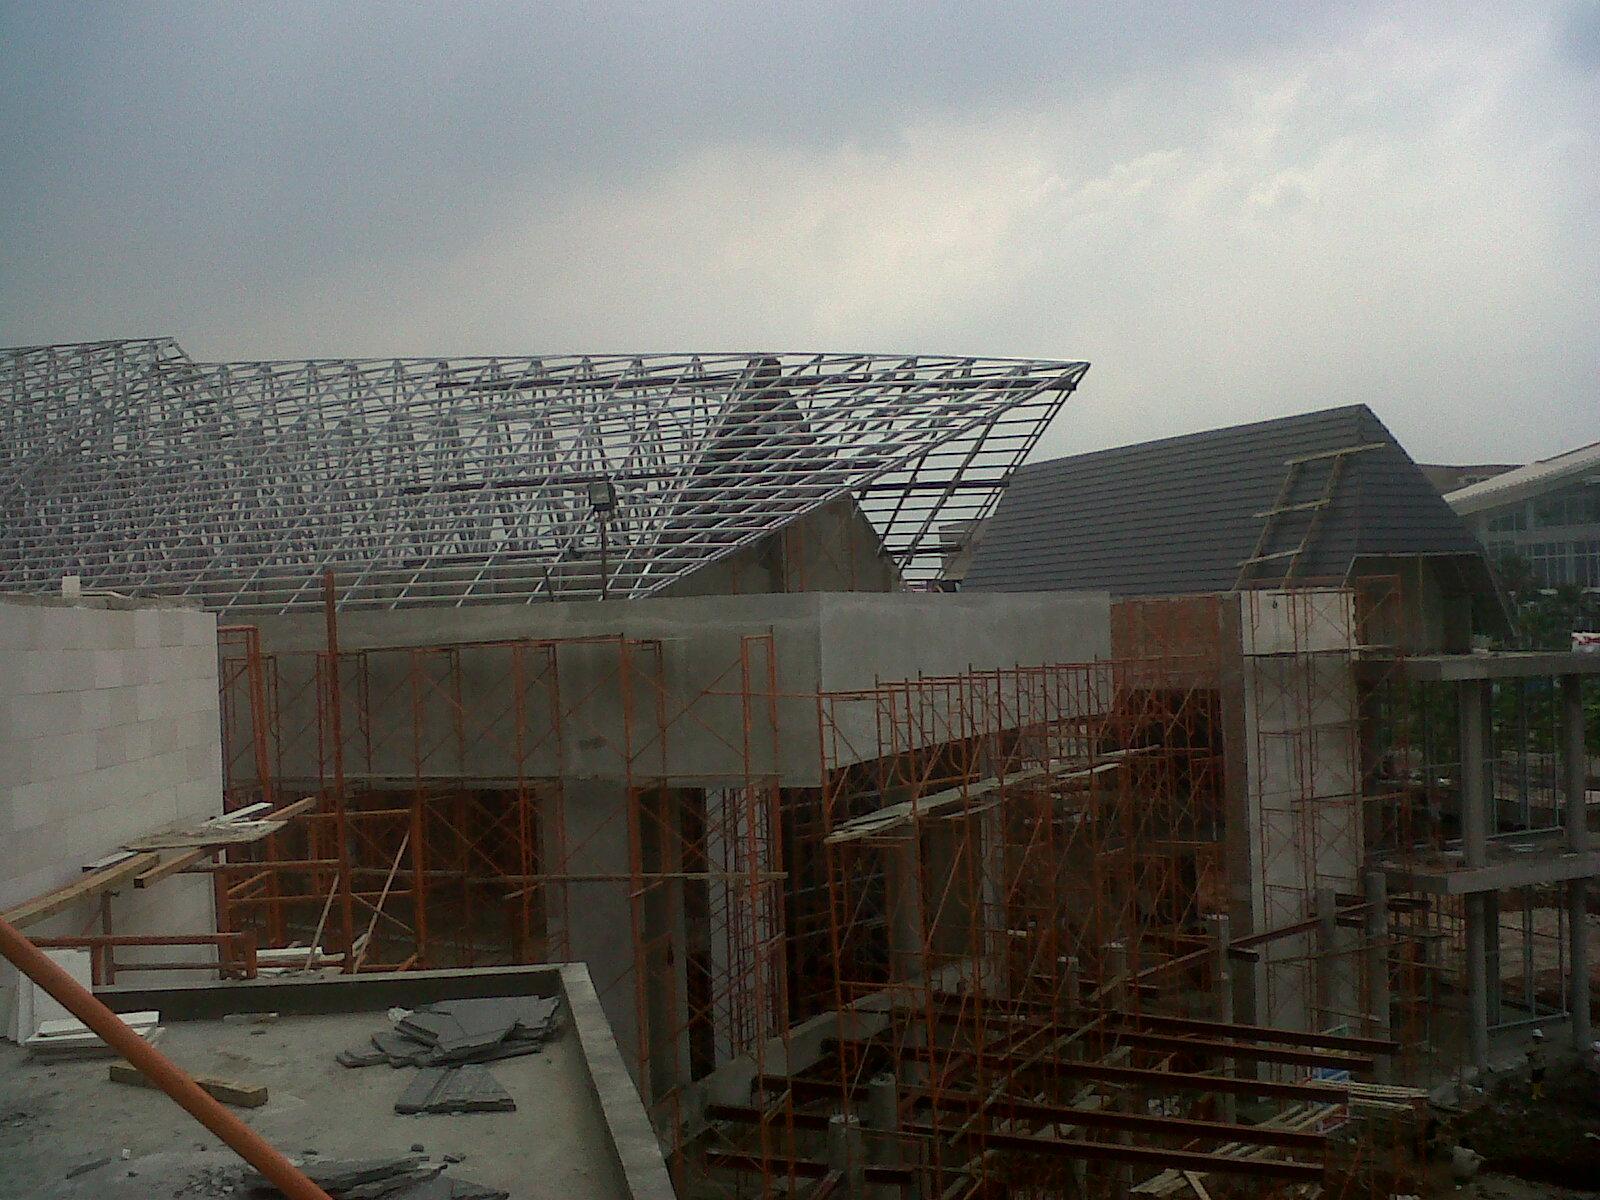 rangka atap baja ringan bila dibanding dengan rangka atap baja